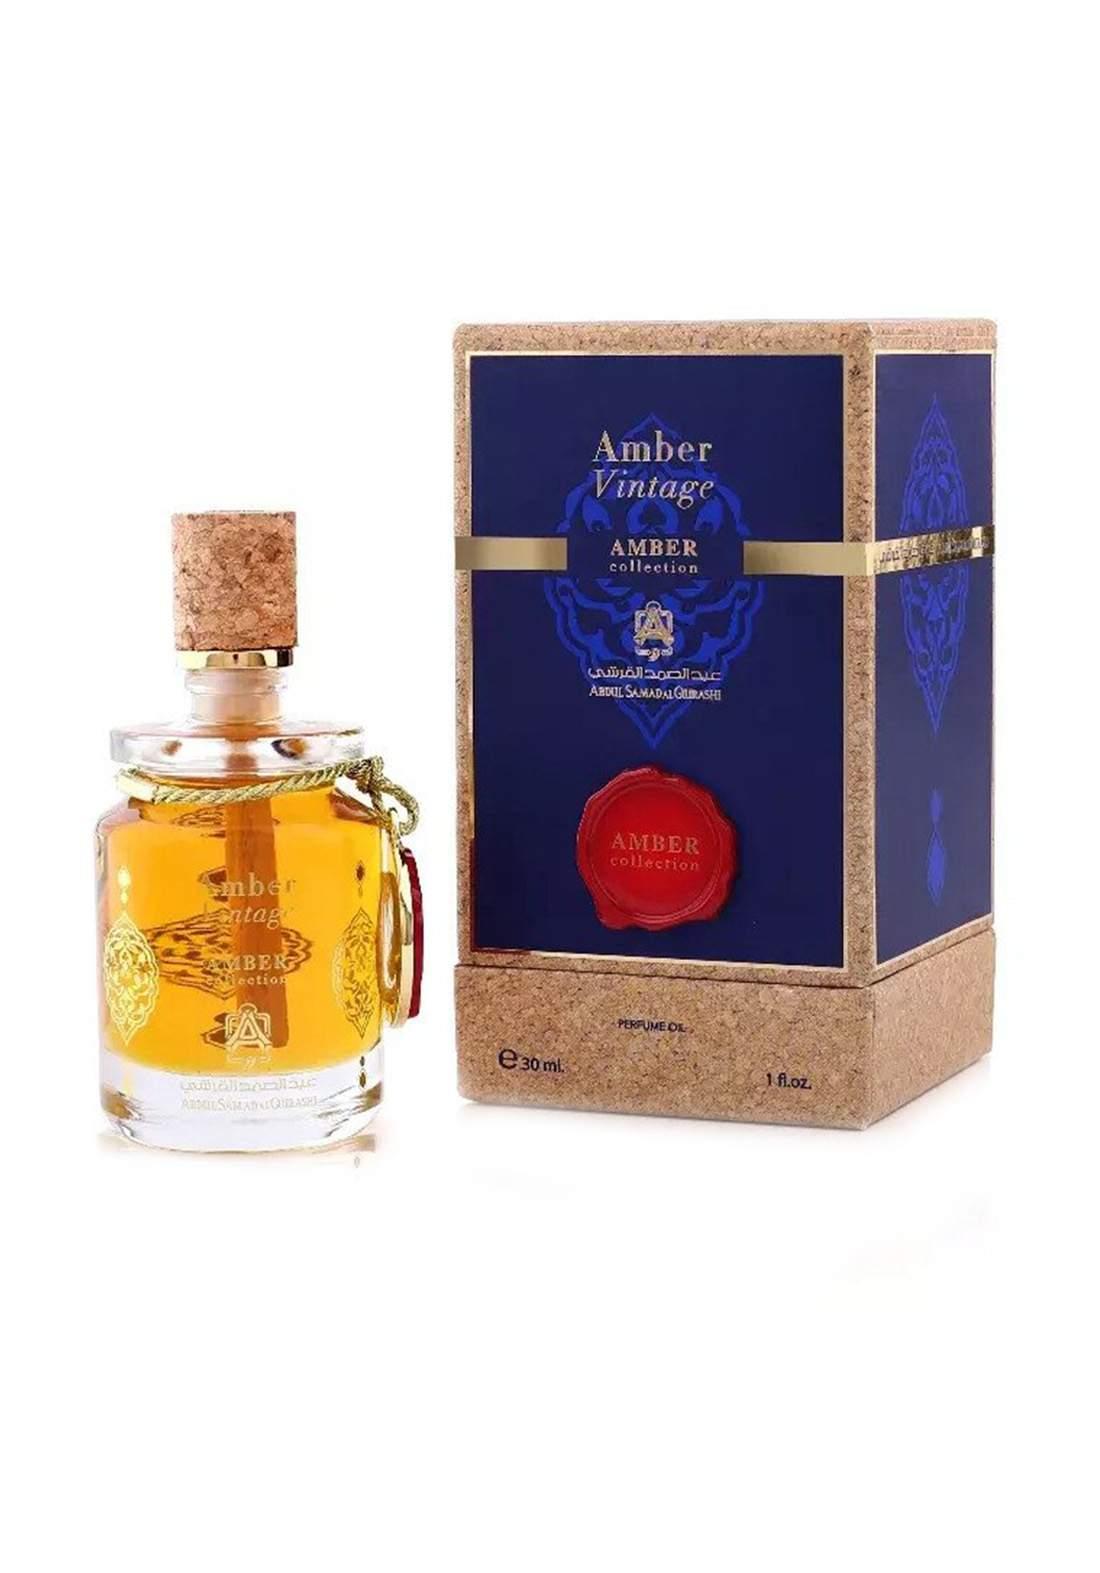 Abdul Samad Al Qurashi 71596  Amber Vintage Perfume 100ml عطر